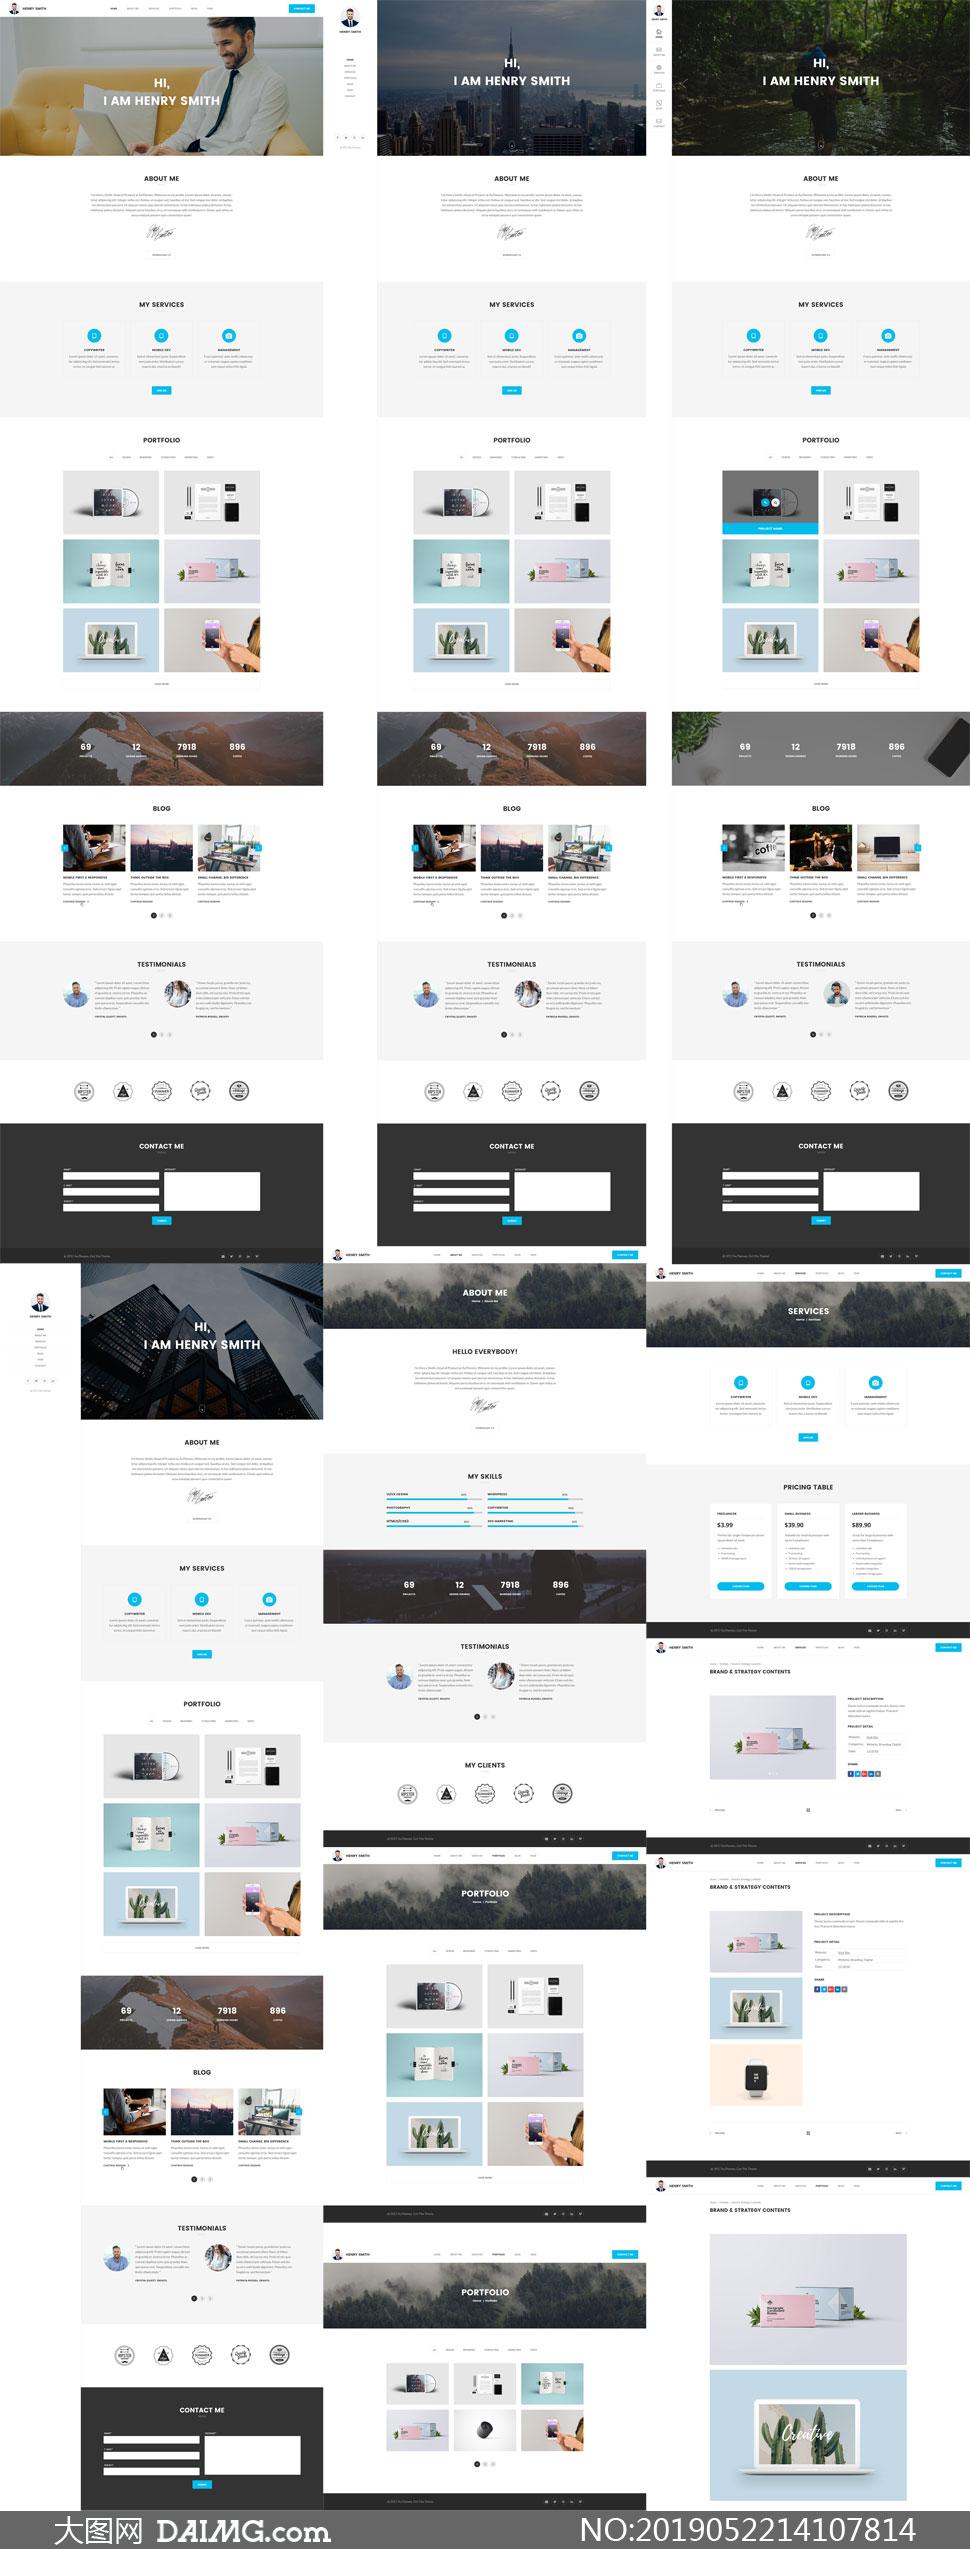 展示自我的个人网站设计模板源文件